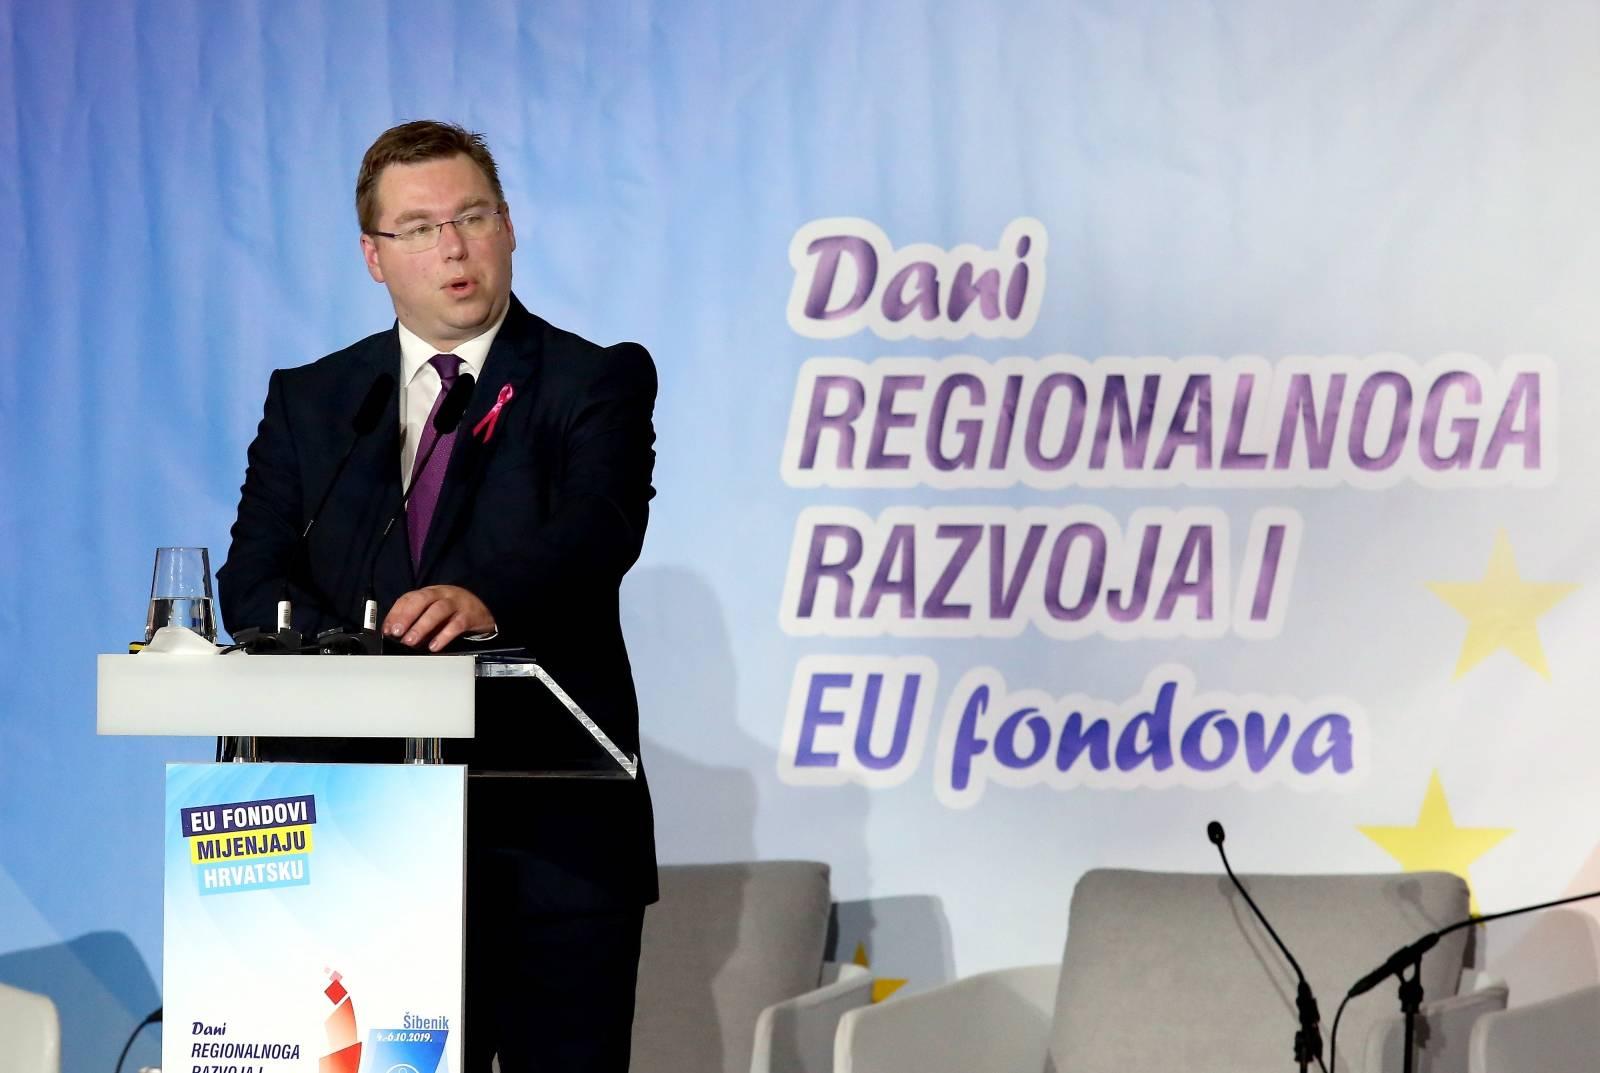 Šibenik: Premijer Andrej Plenković na Danima regionalnog razvoja i fondova EU